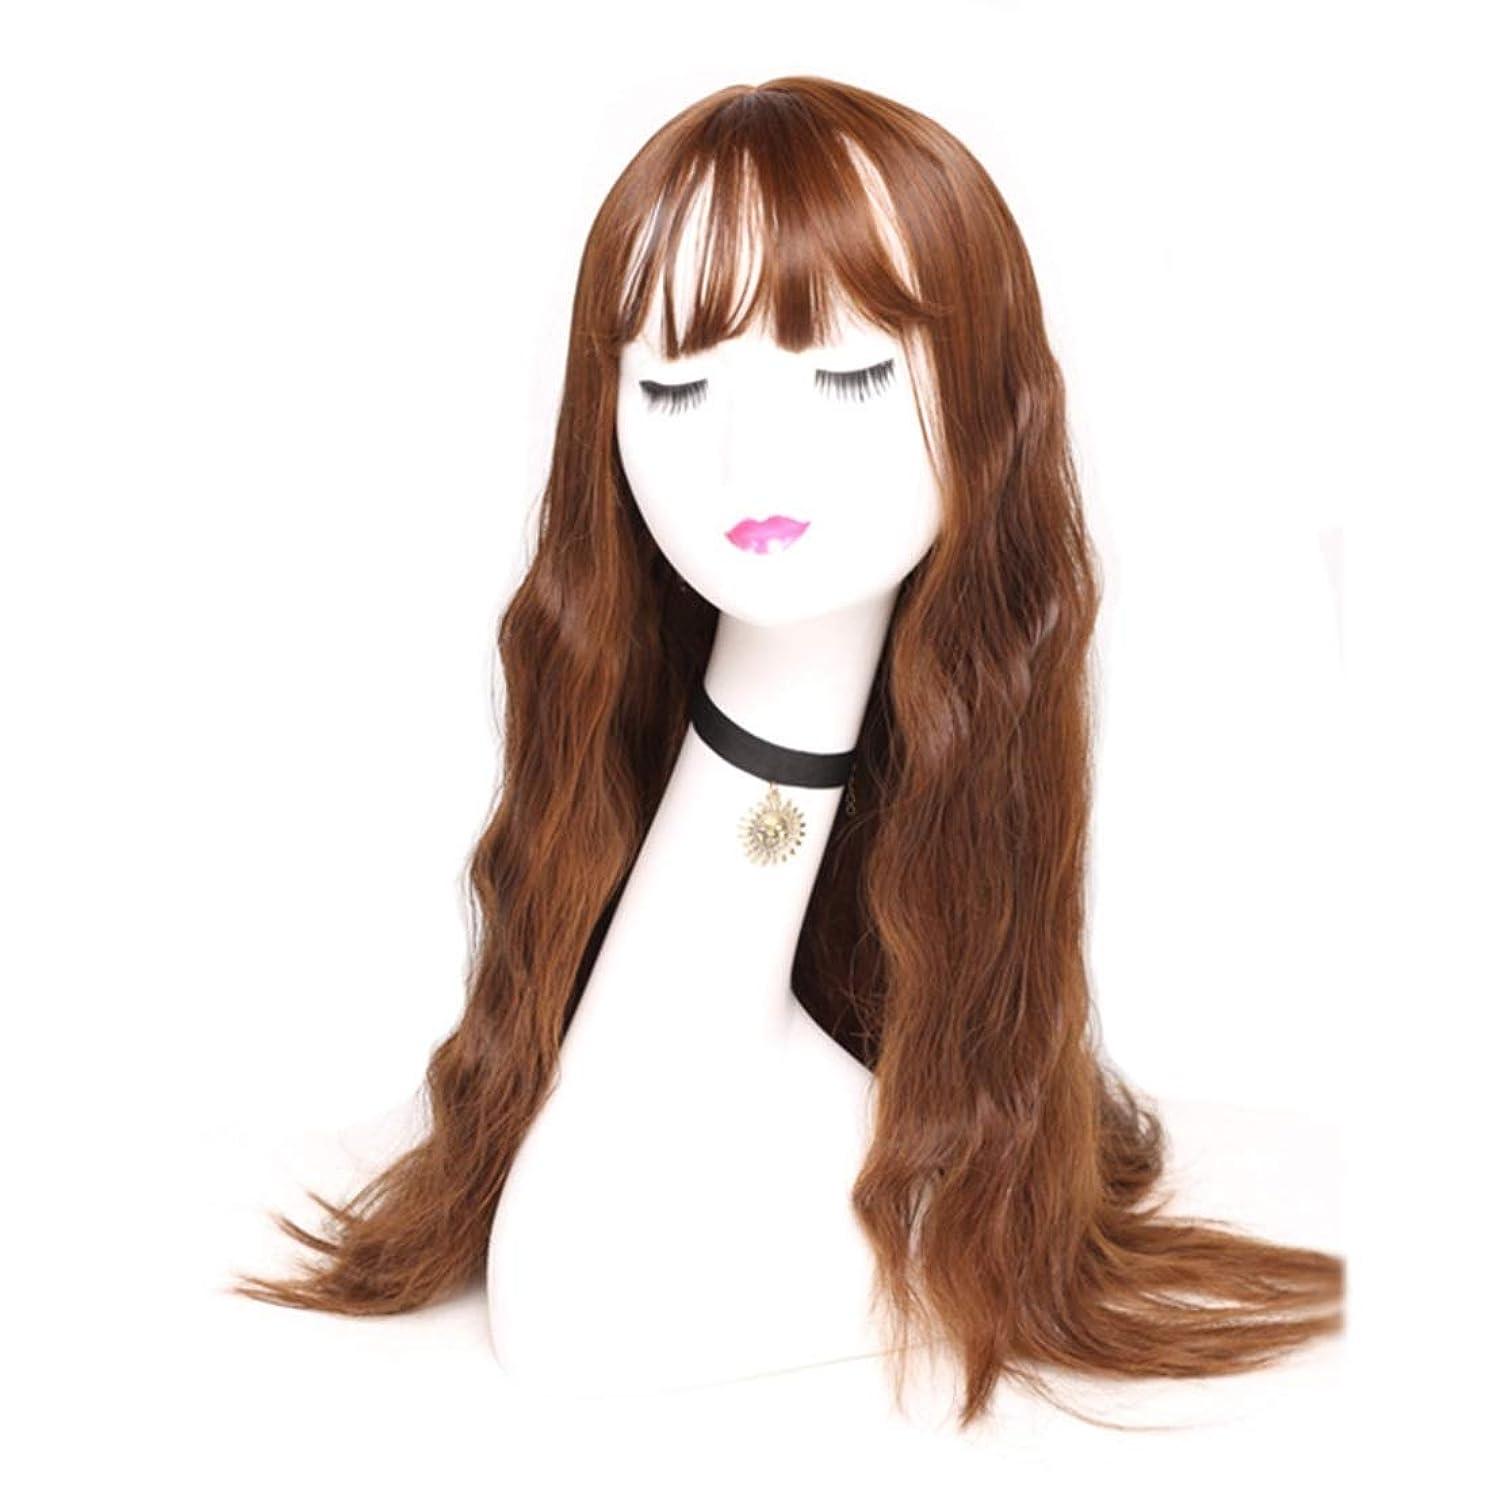 宿特定のフェードSummerys 女性のための長い波状の合成かつら茶色のかつらかつら